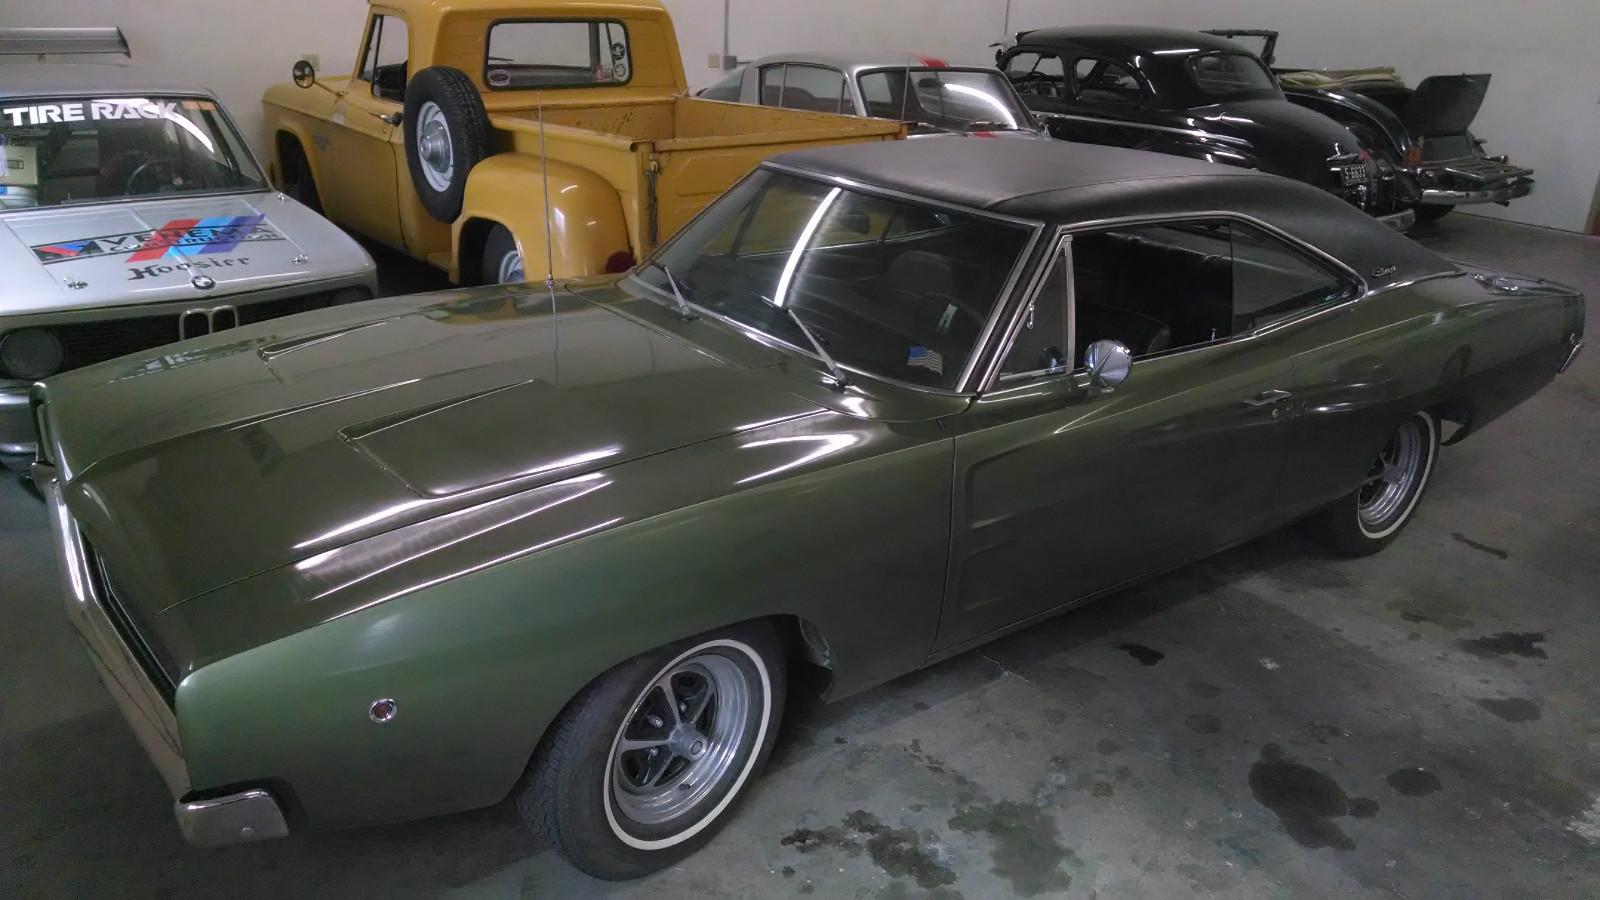 1968 Dodge Charger 383 4 Speed On Ebay Mopar Blog Drag Car 4speed 2